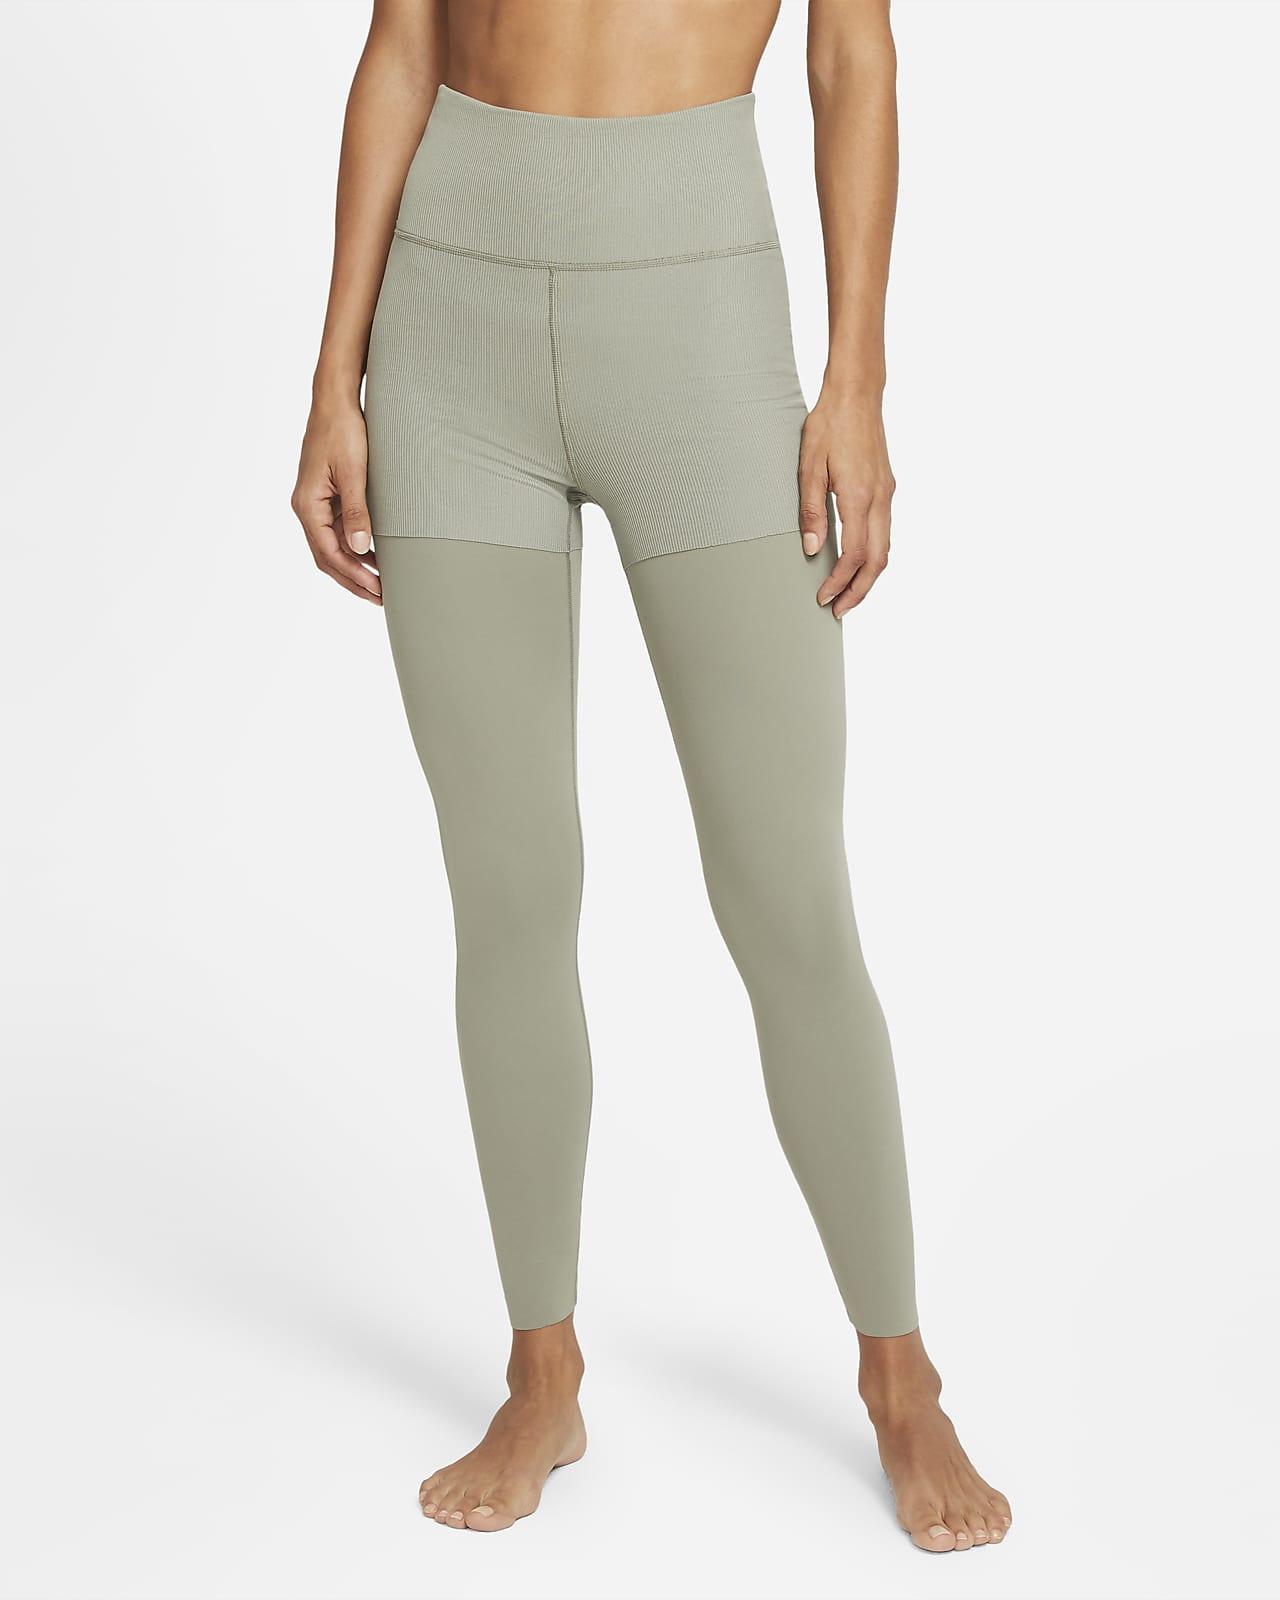 Nike Yoga Luxe Layered 7/8 Kadın Taytı